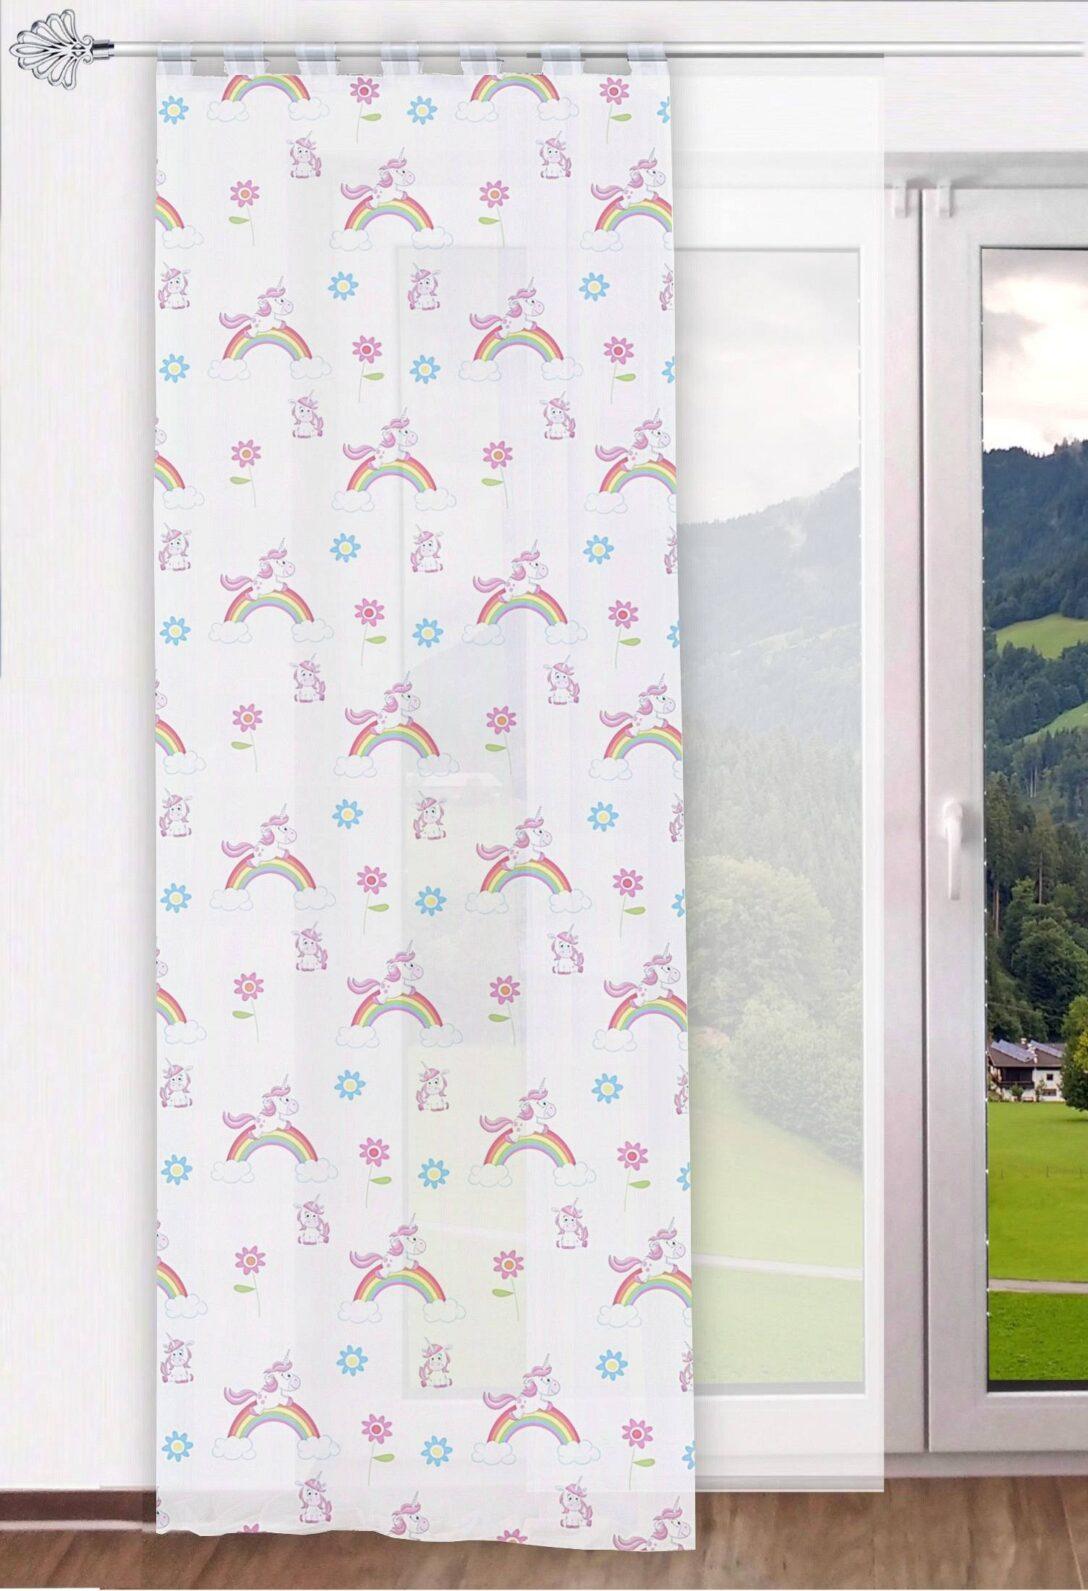 Large Size of Gardinen Welt Online Shop Moderner Schlaufenschal Aus Regal Kinderzimmer Weiß Sofa Regale Kinderzimmer Schlaufenschal Kinderzimmer